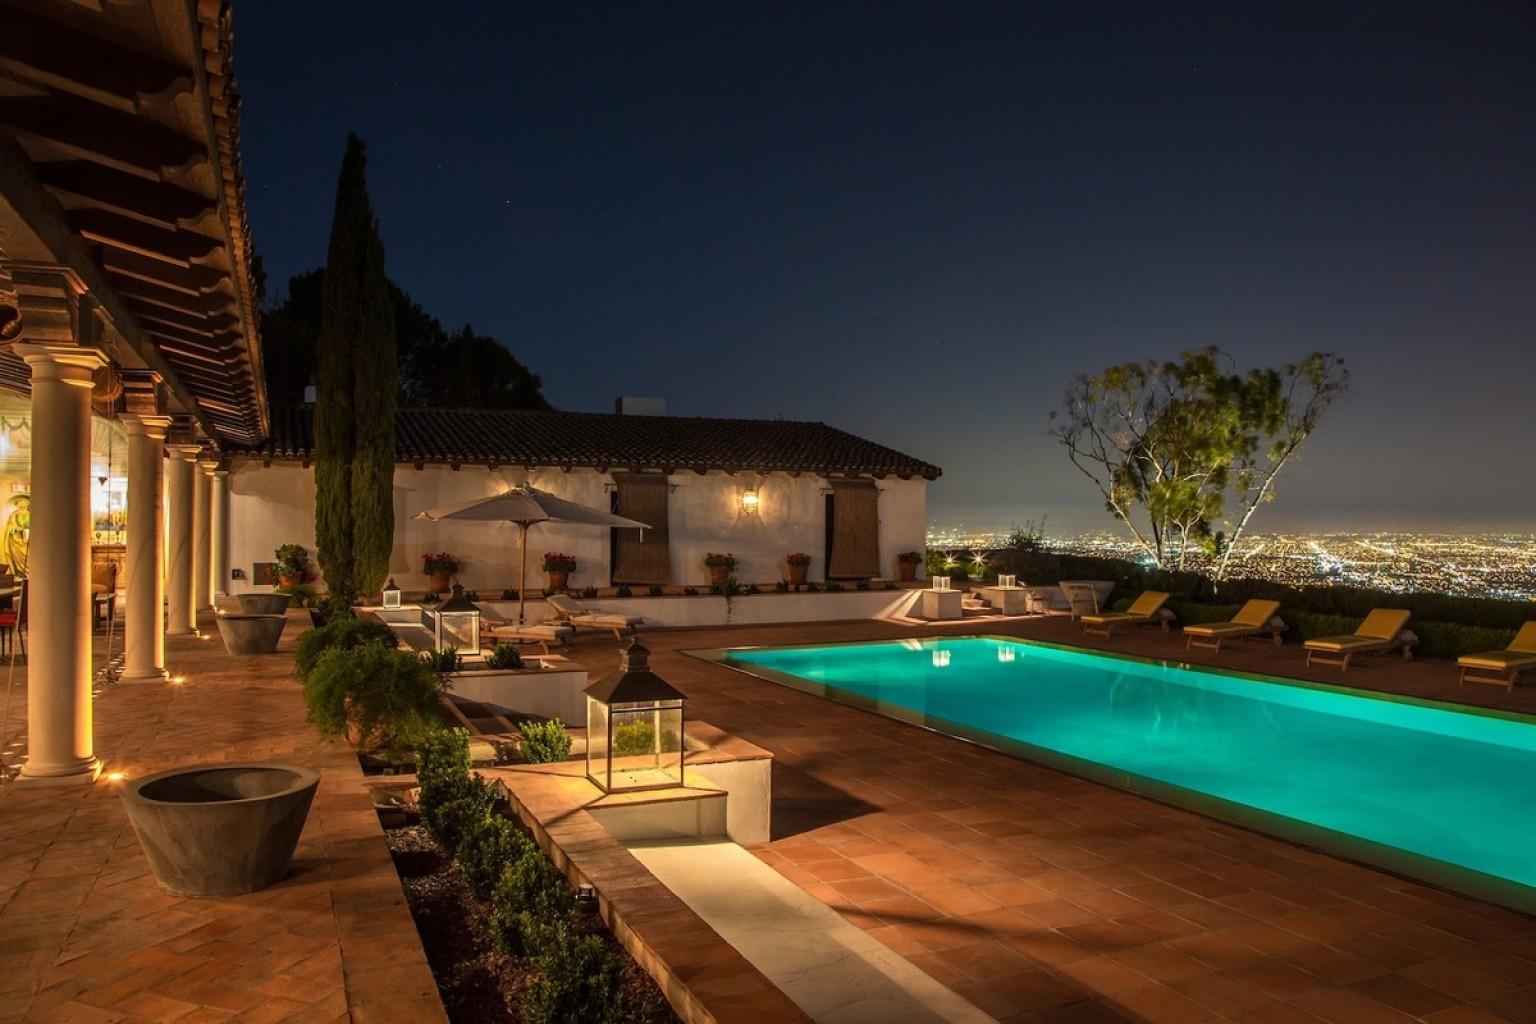 Case di lusso la villa in california con 5 piani for Case di lusso a due piani